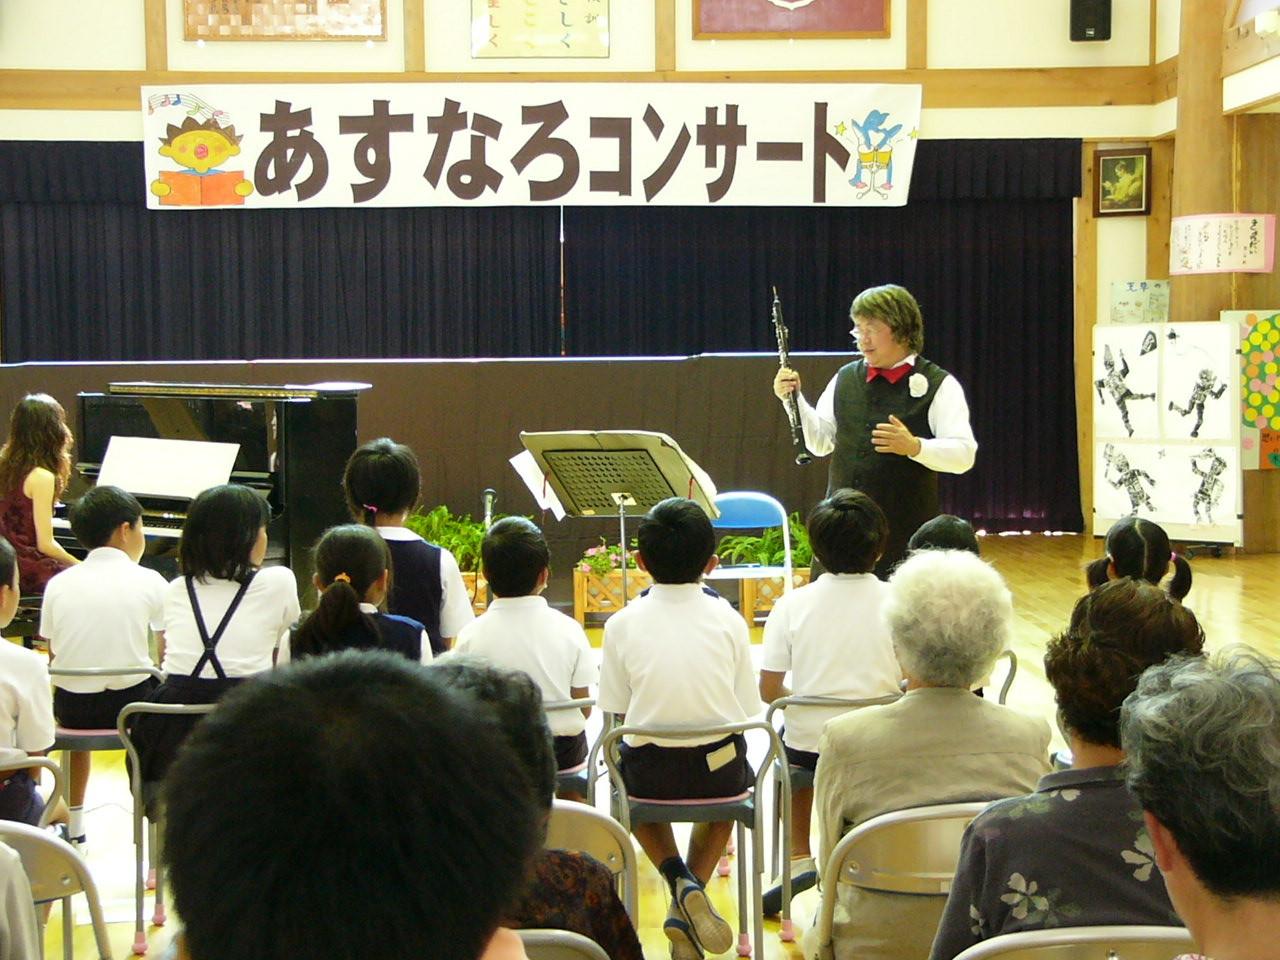 熊本県天草、下田南小学校、日本音楽家ユニオン主催あすなろコンサート